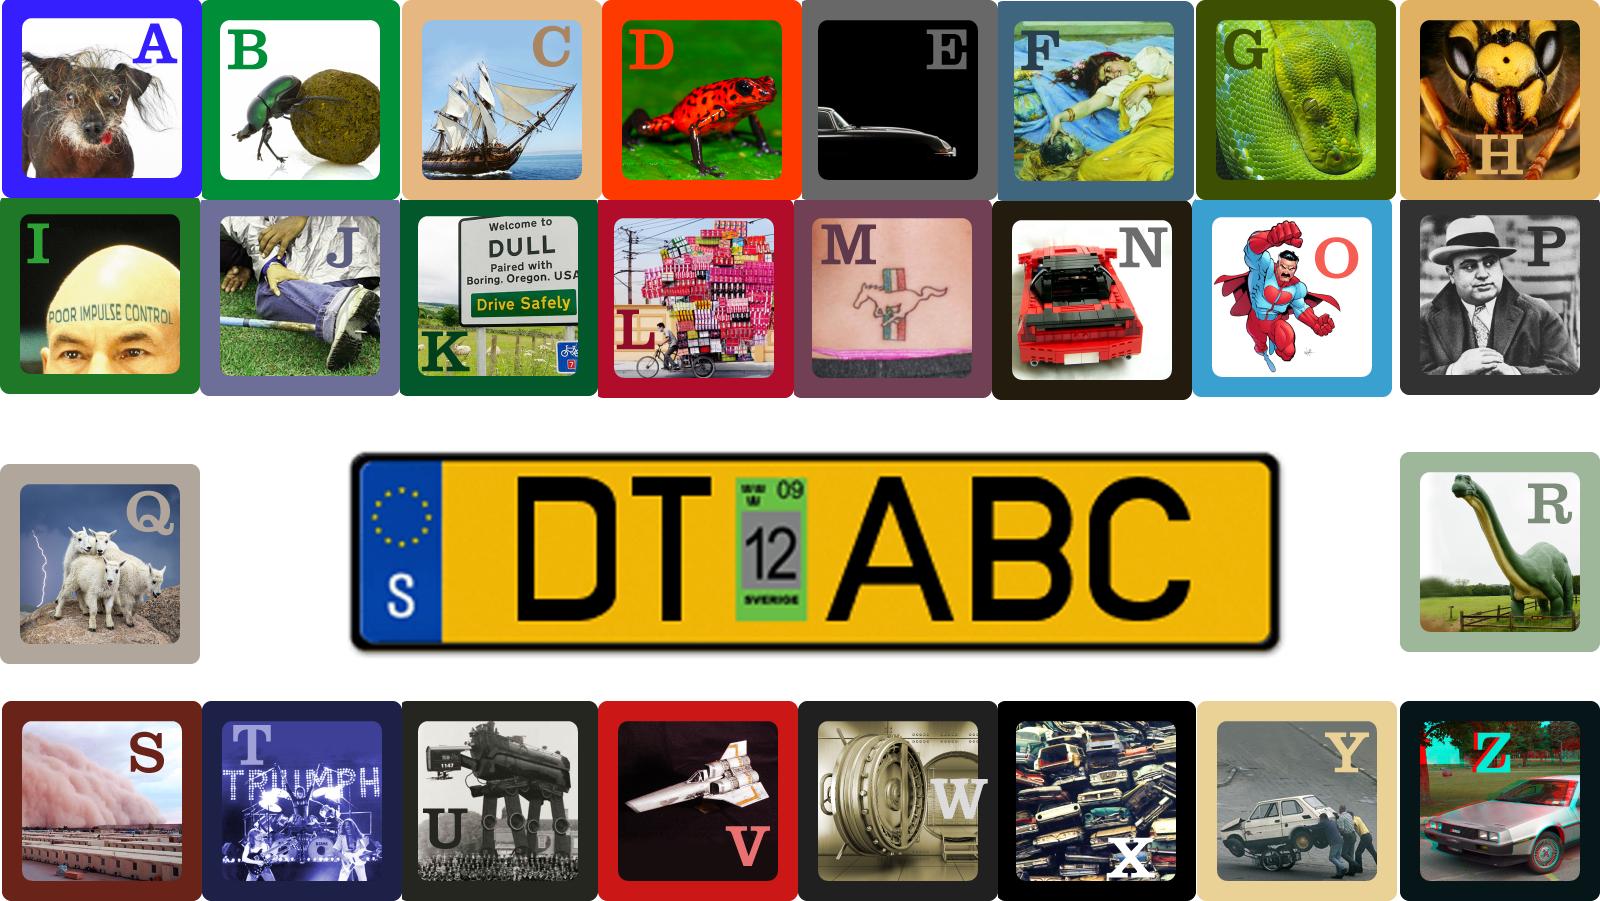 Happy 2nd Birthday: DT's ABCs